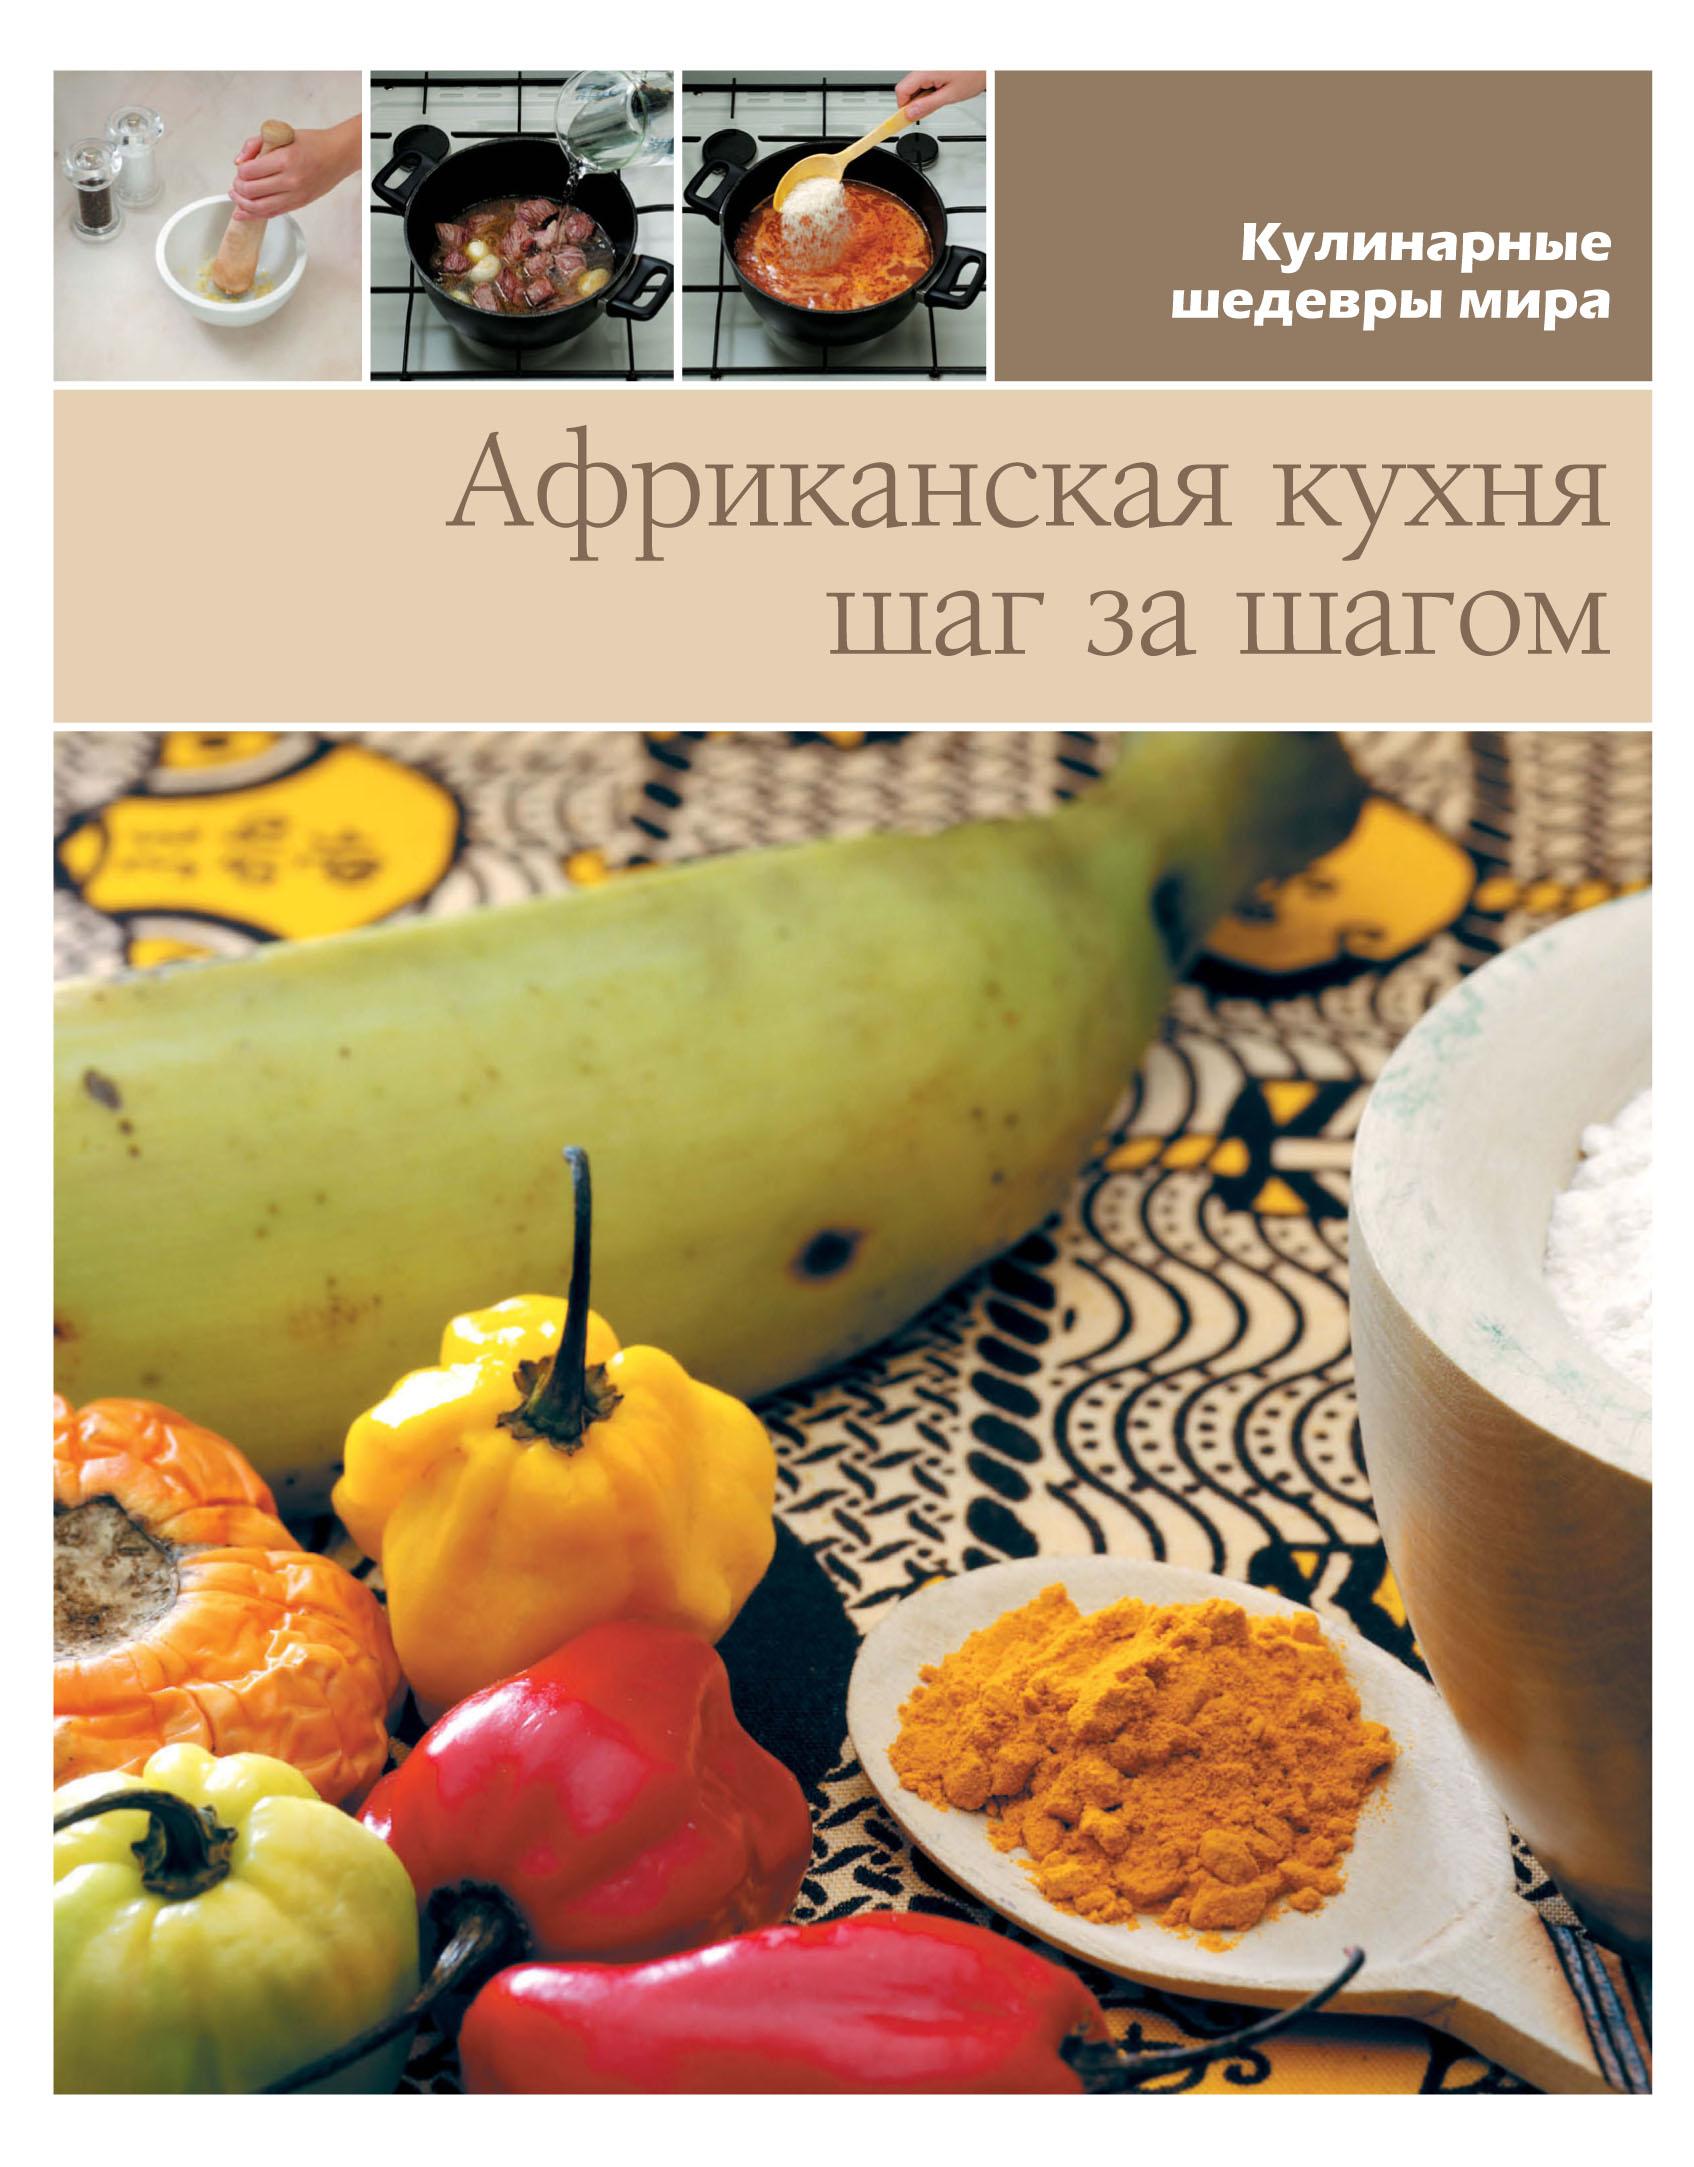 Африканская кухня шаг за шагом